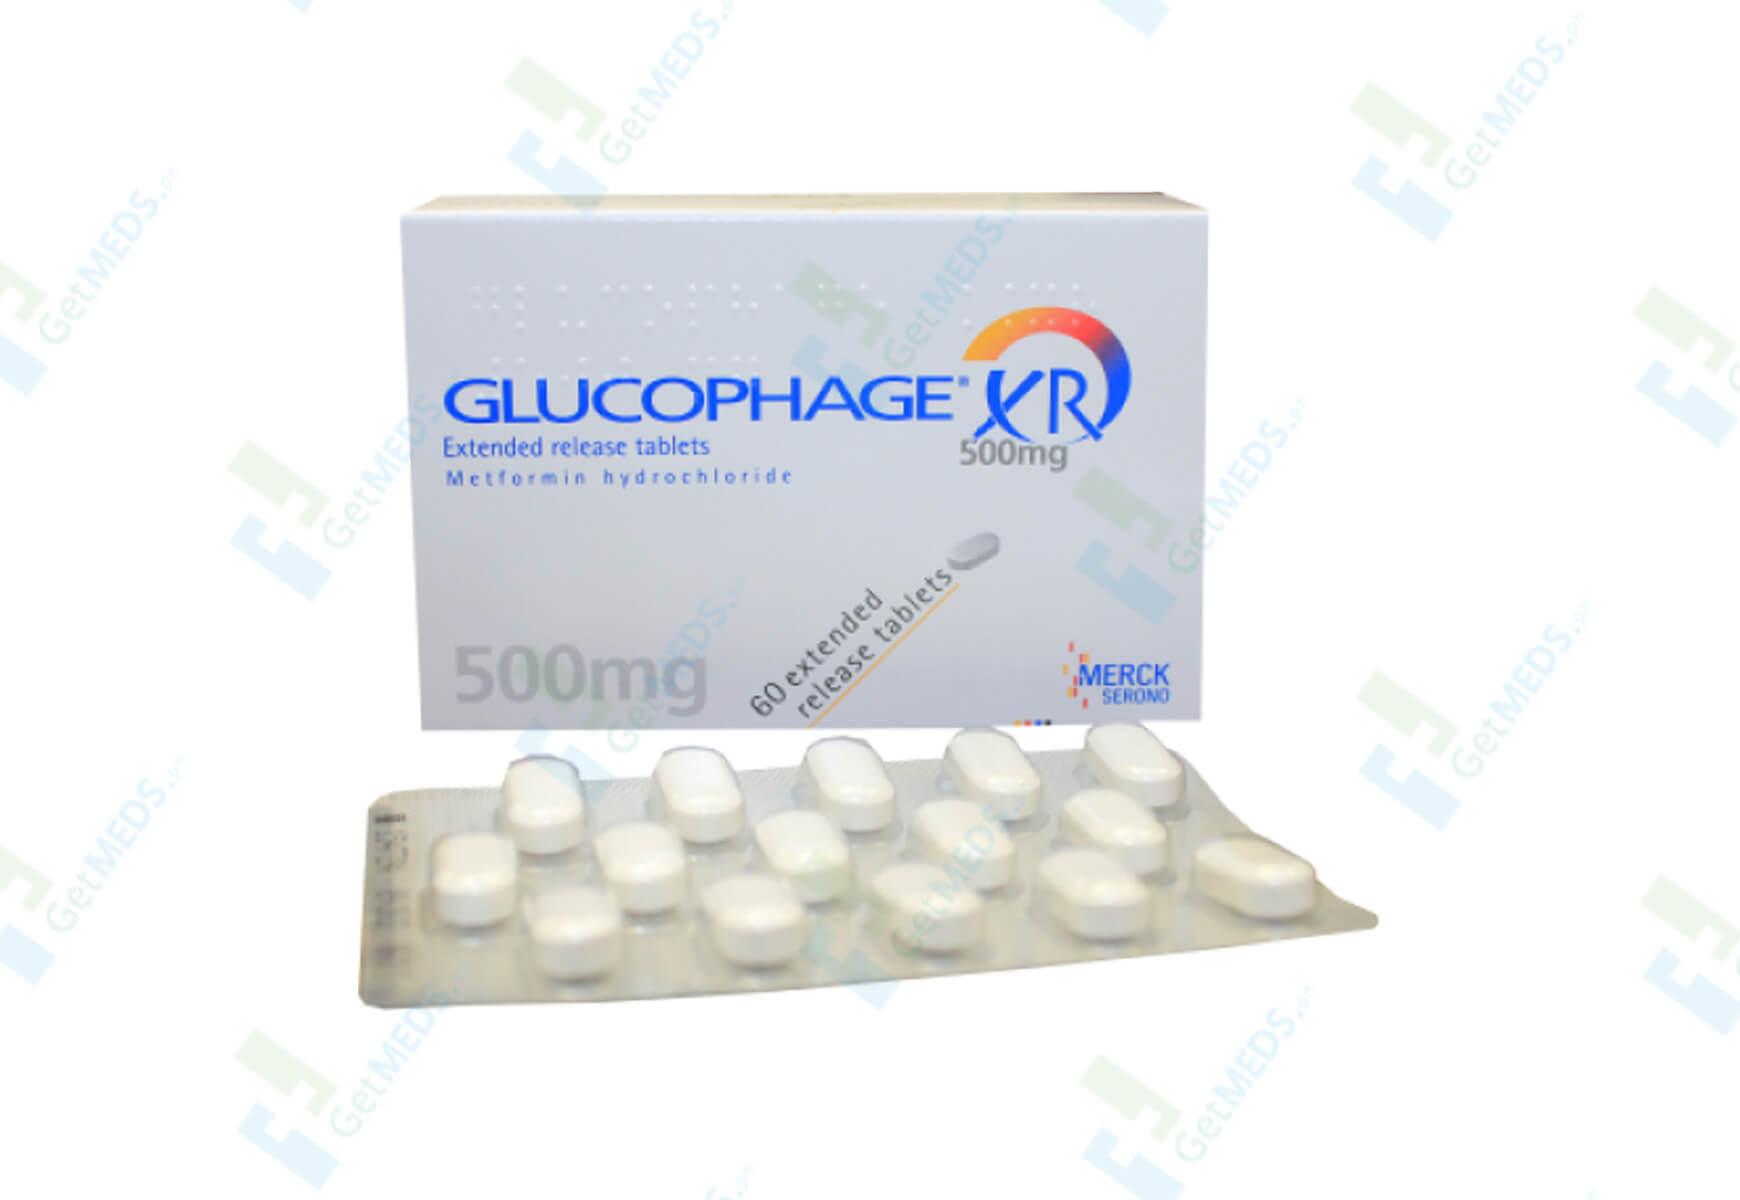 Glucophage XR